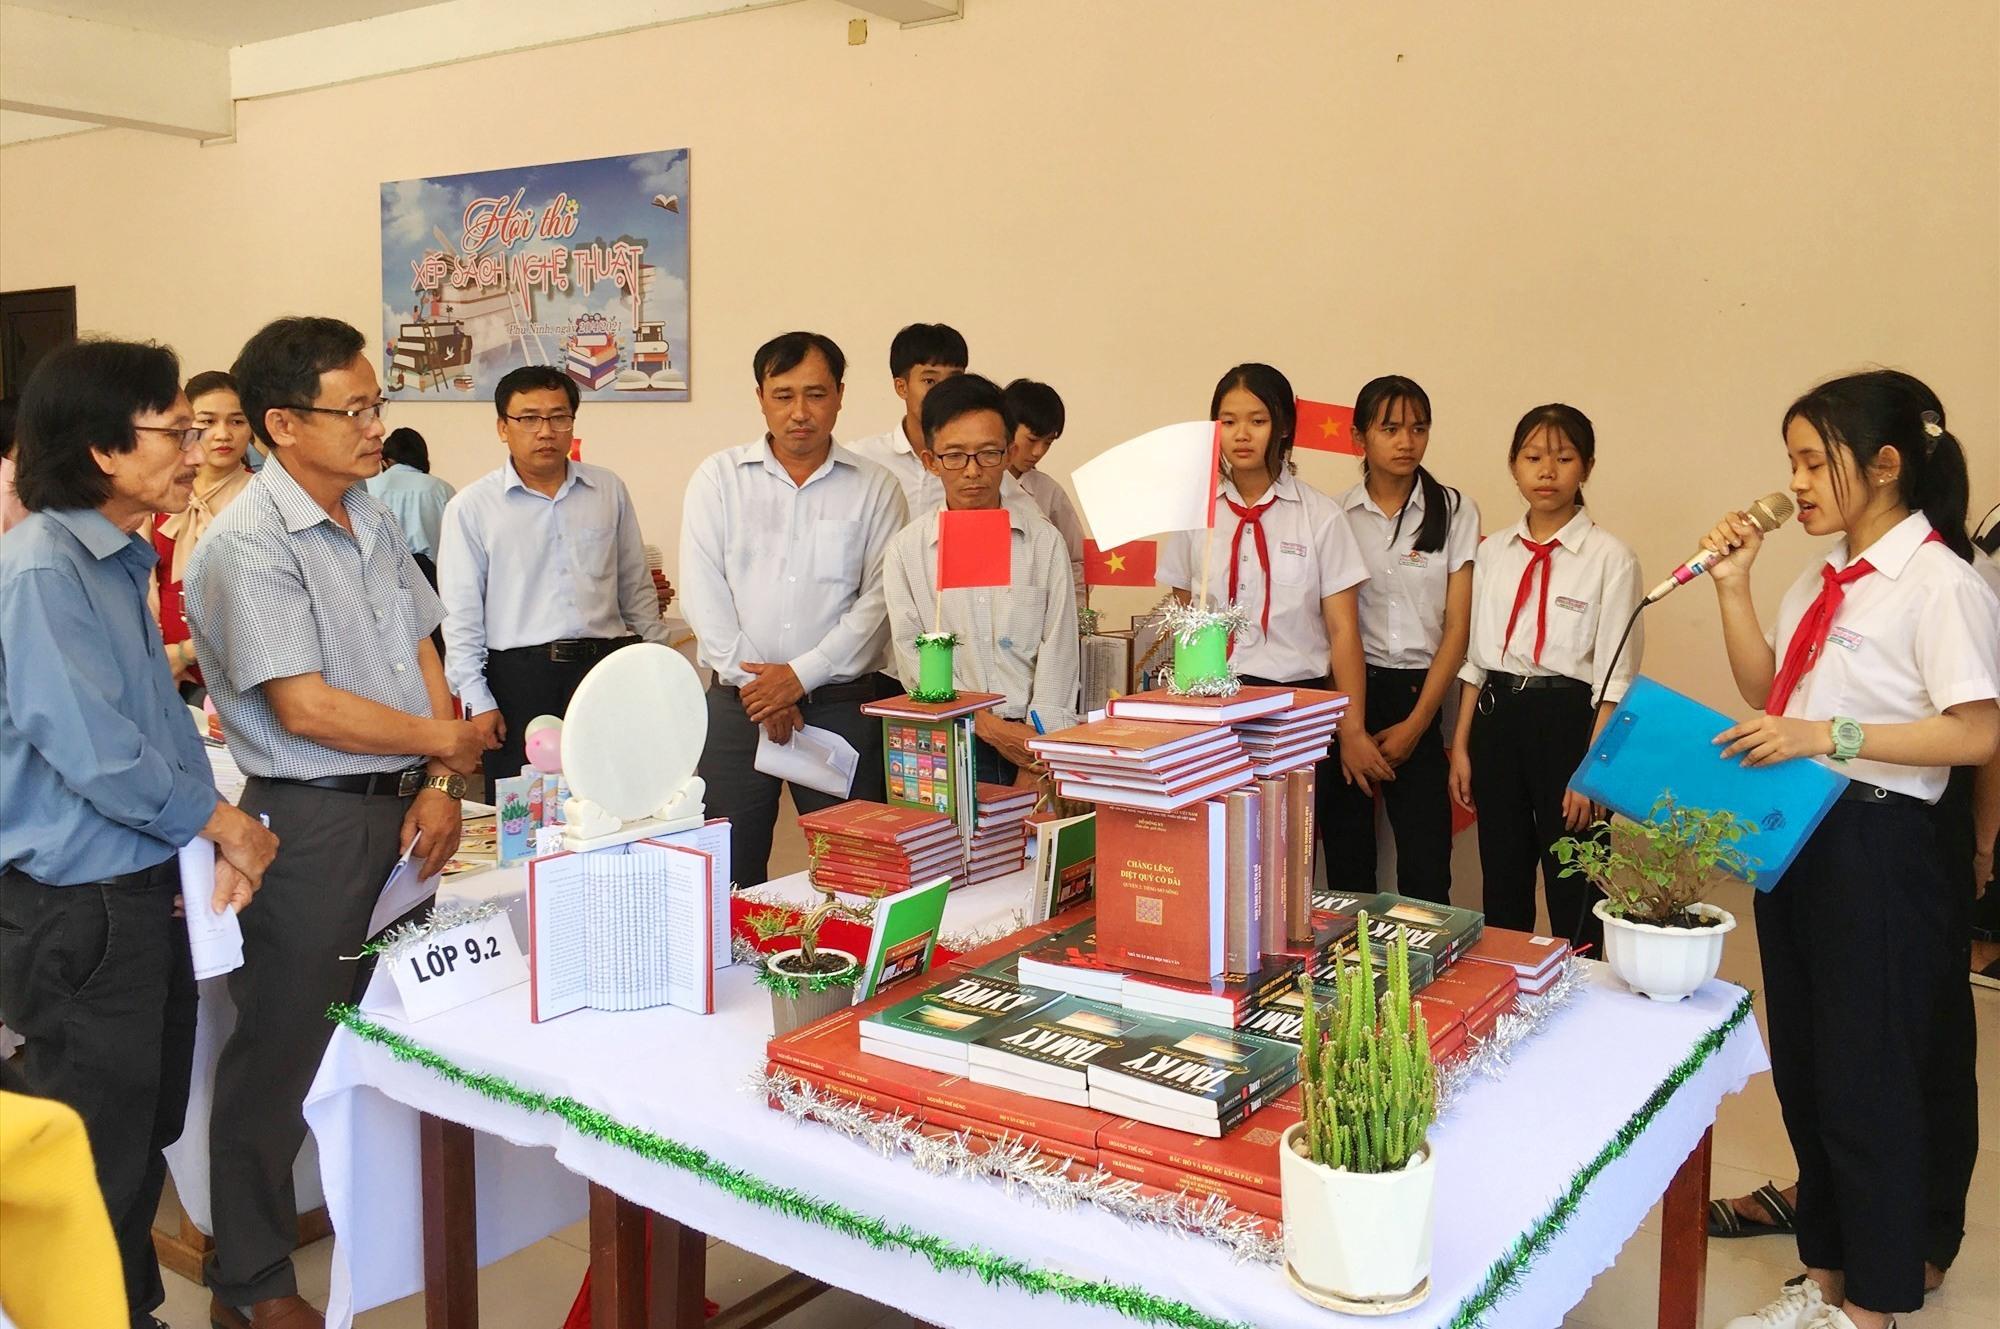 Học sinh tham gia phần thi xếp sách nghệ thuật. Ảnh: H.C